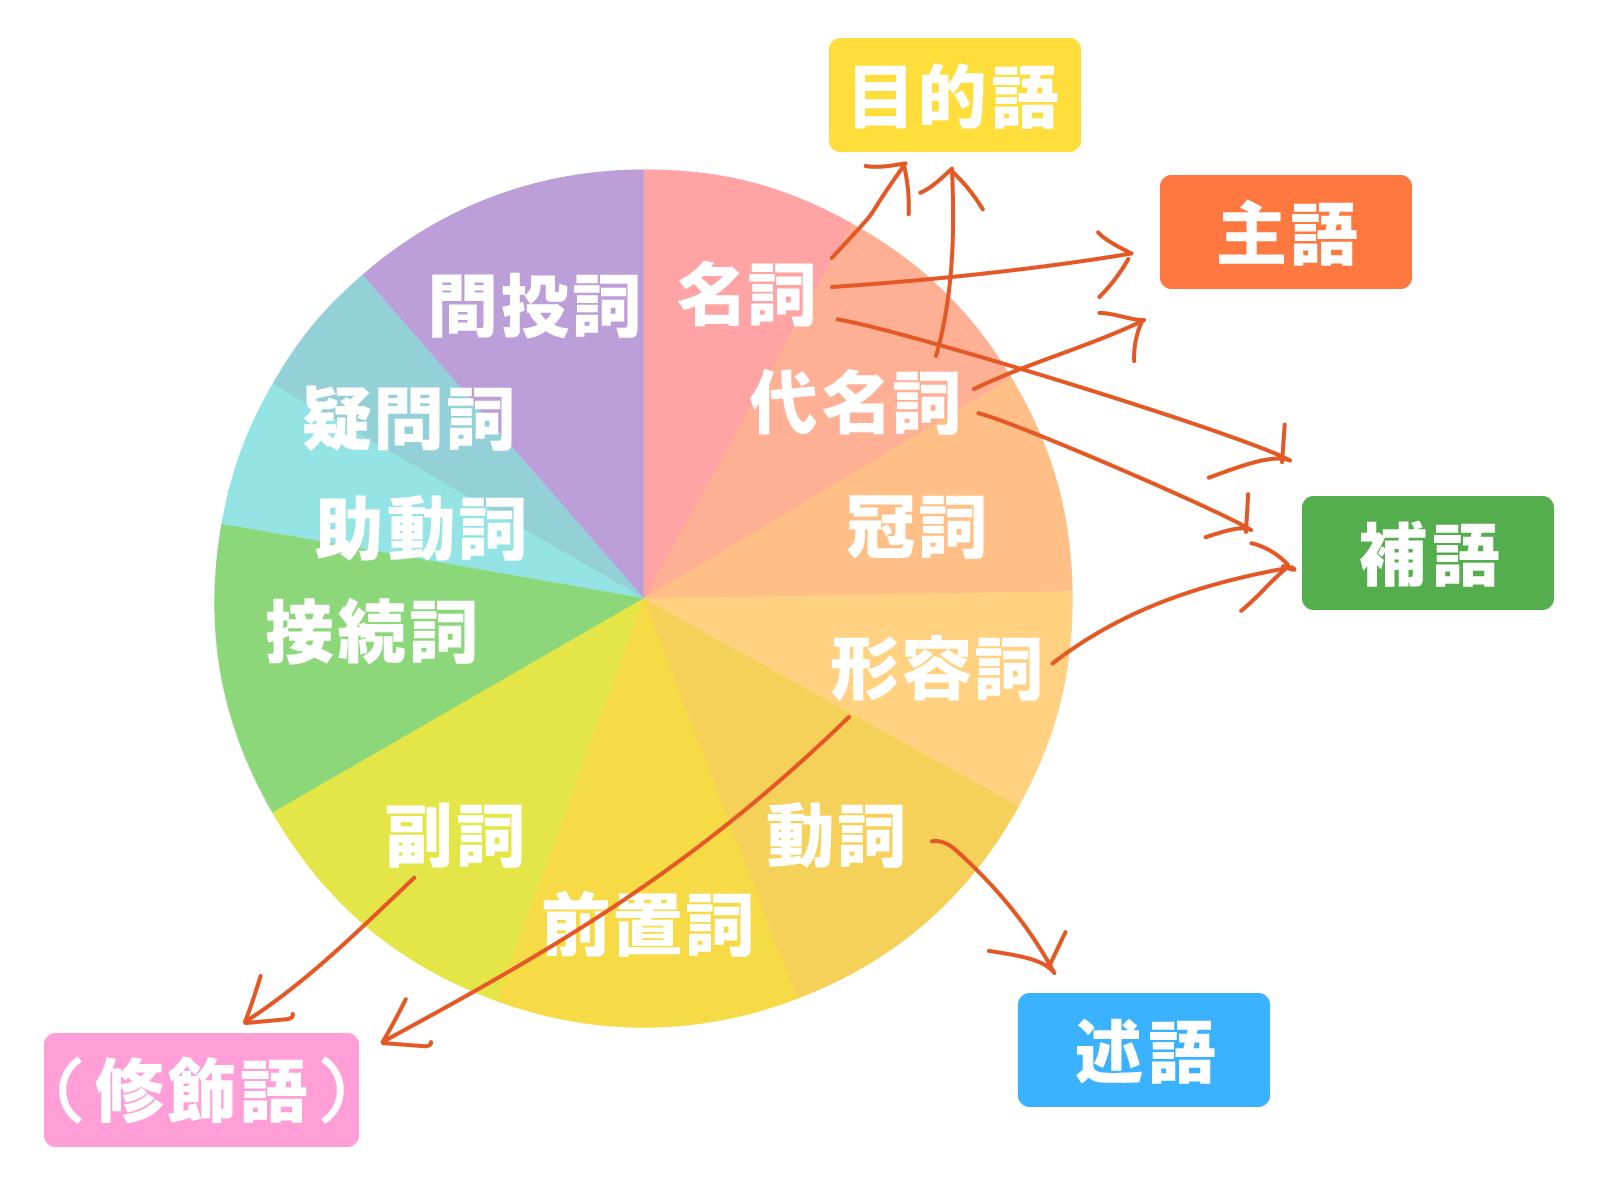 英語の品詞と役割を表した図